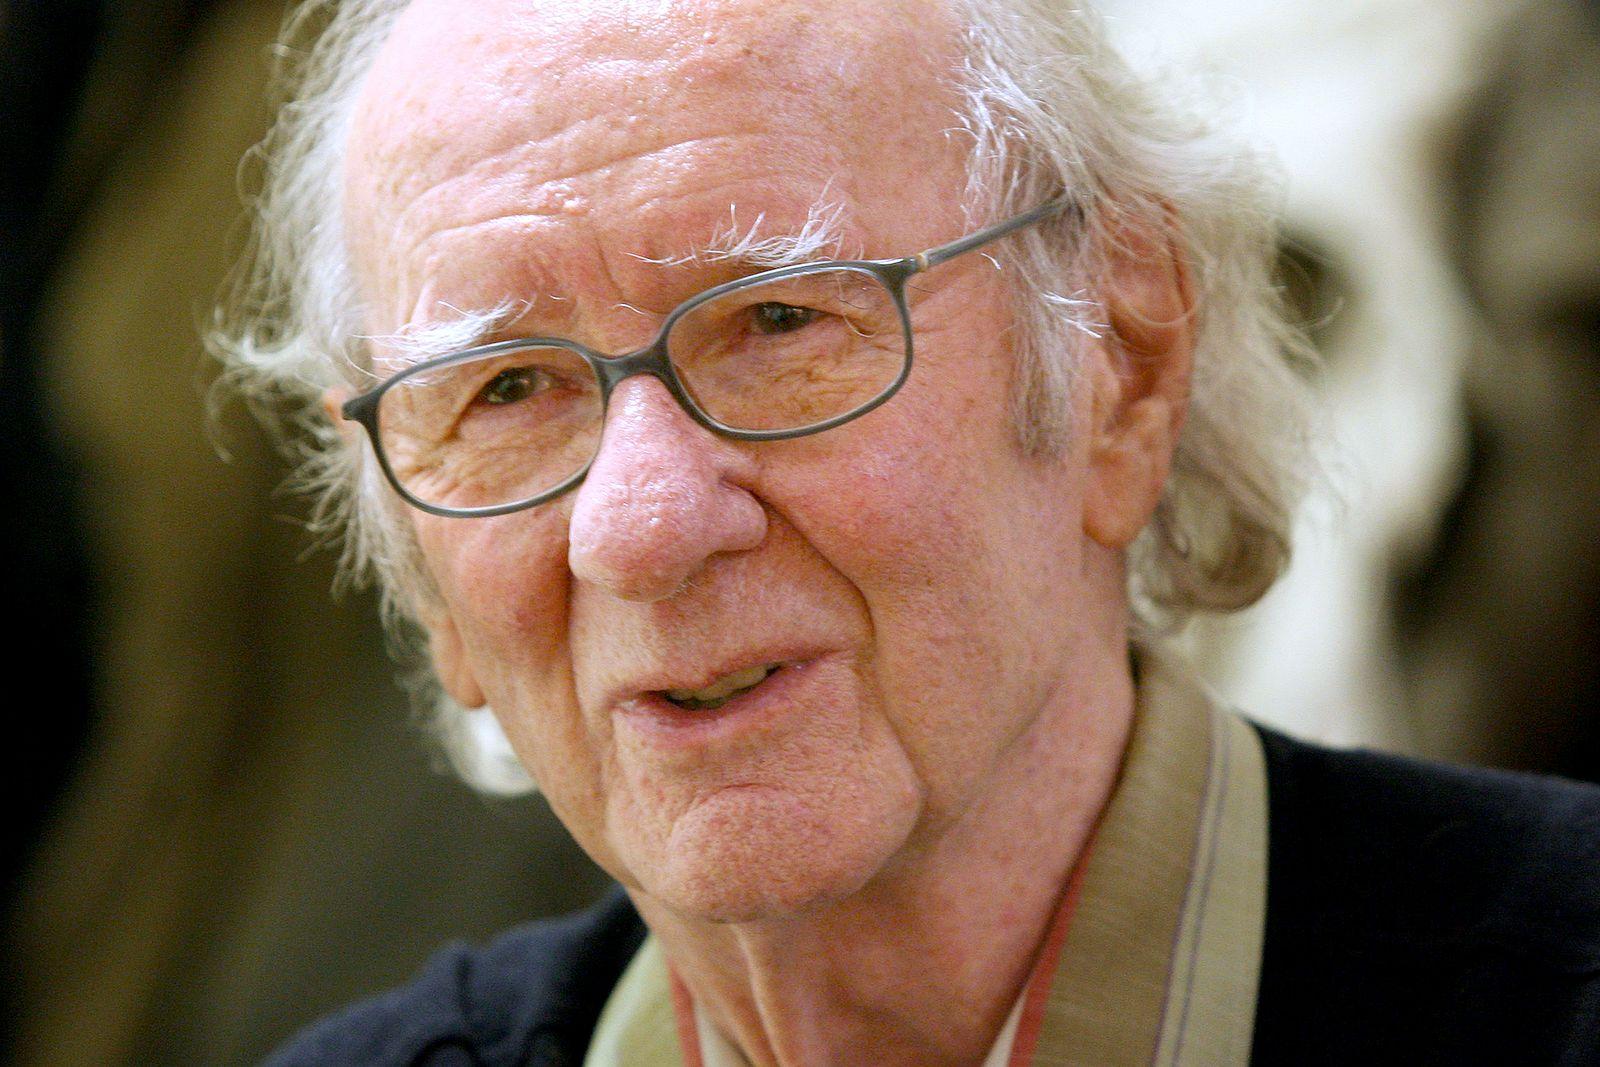 Werner Heiduczek